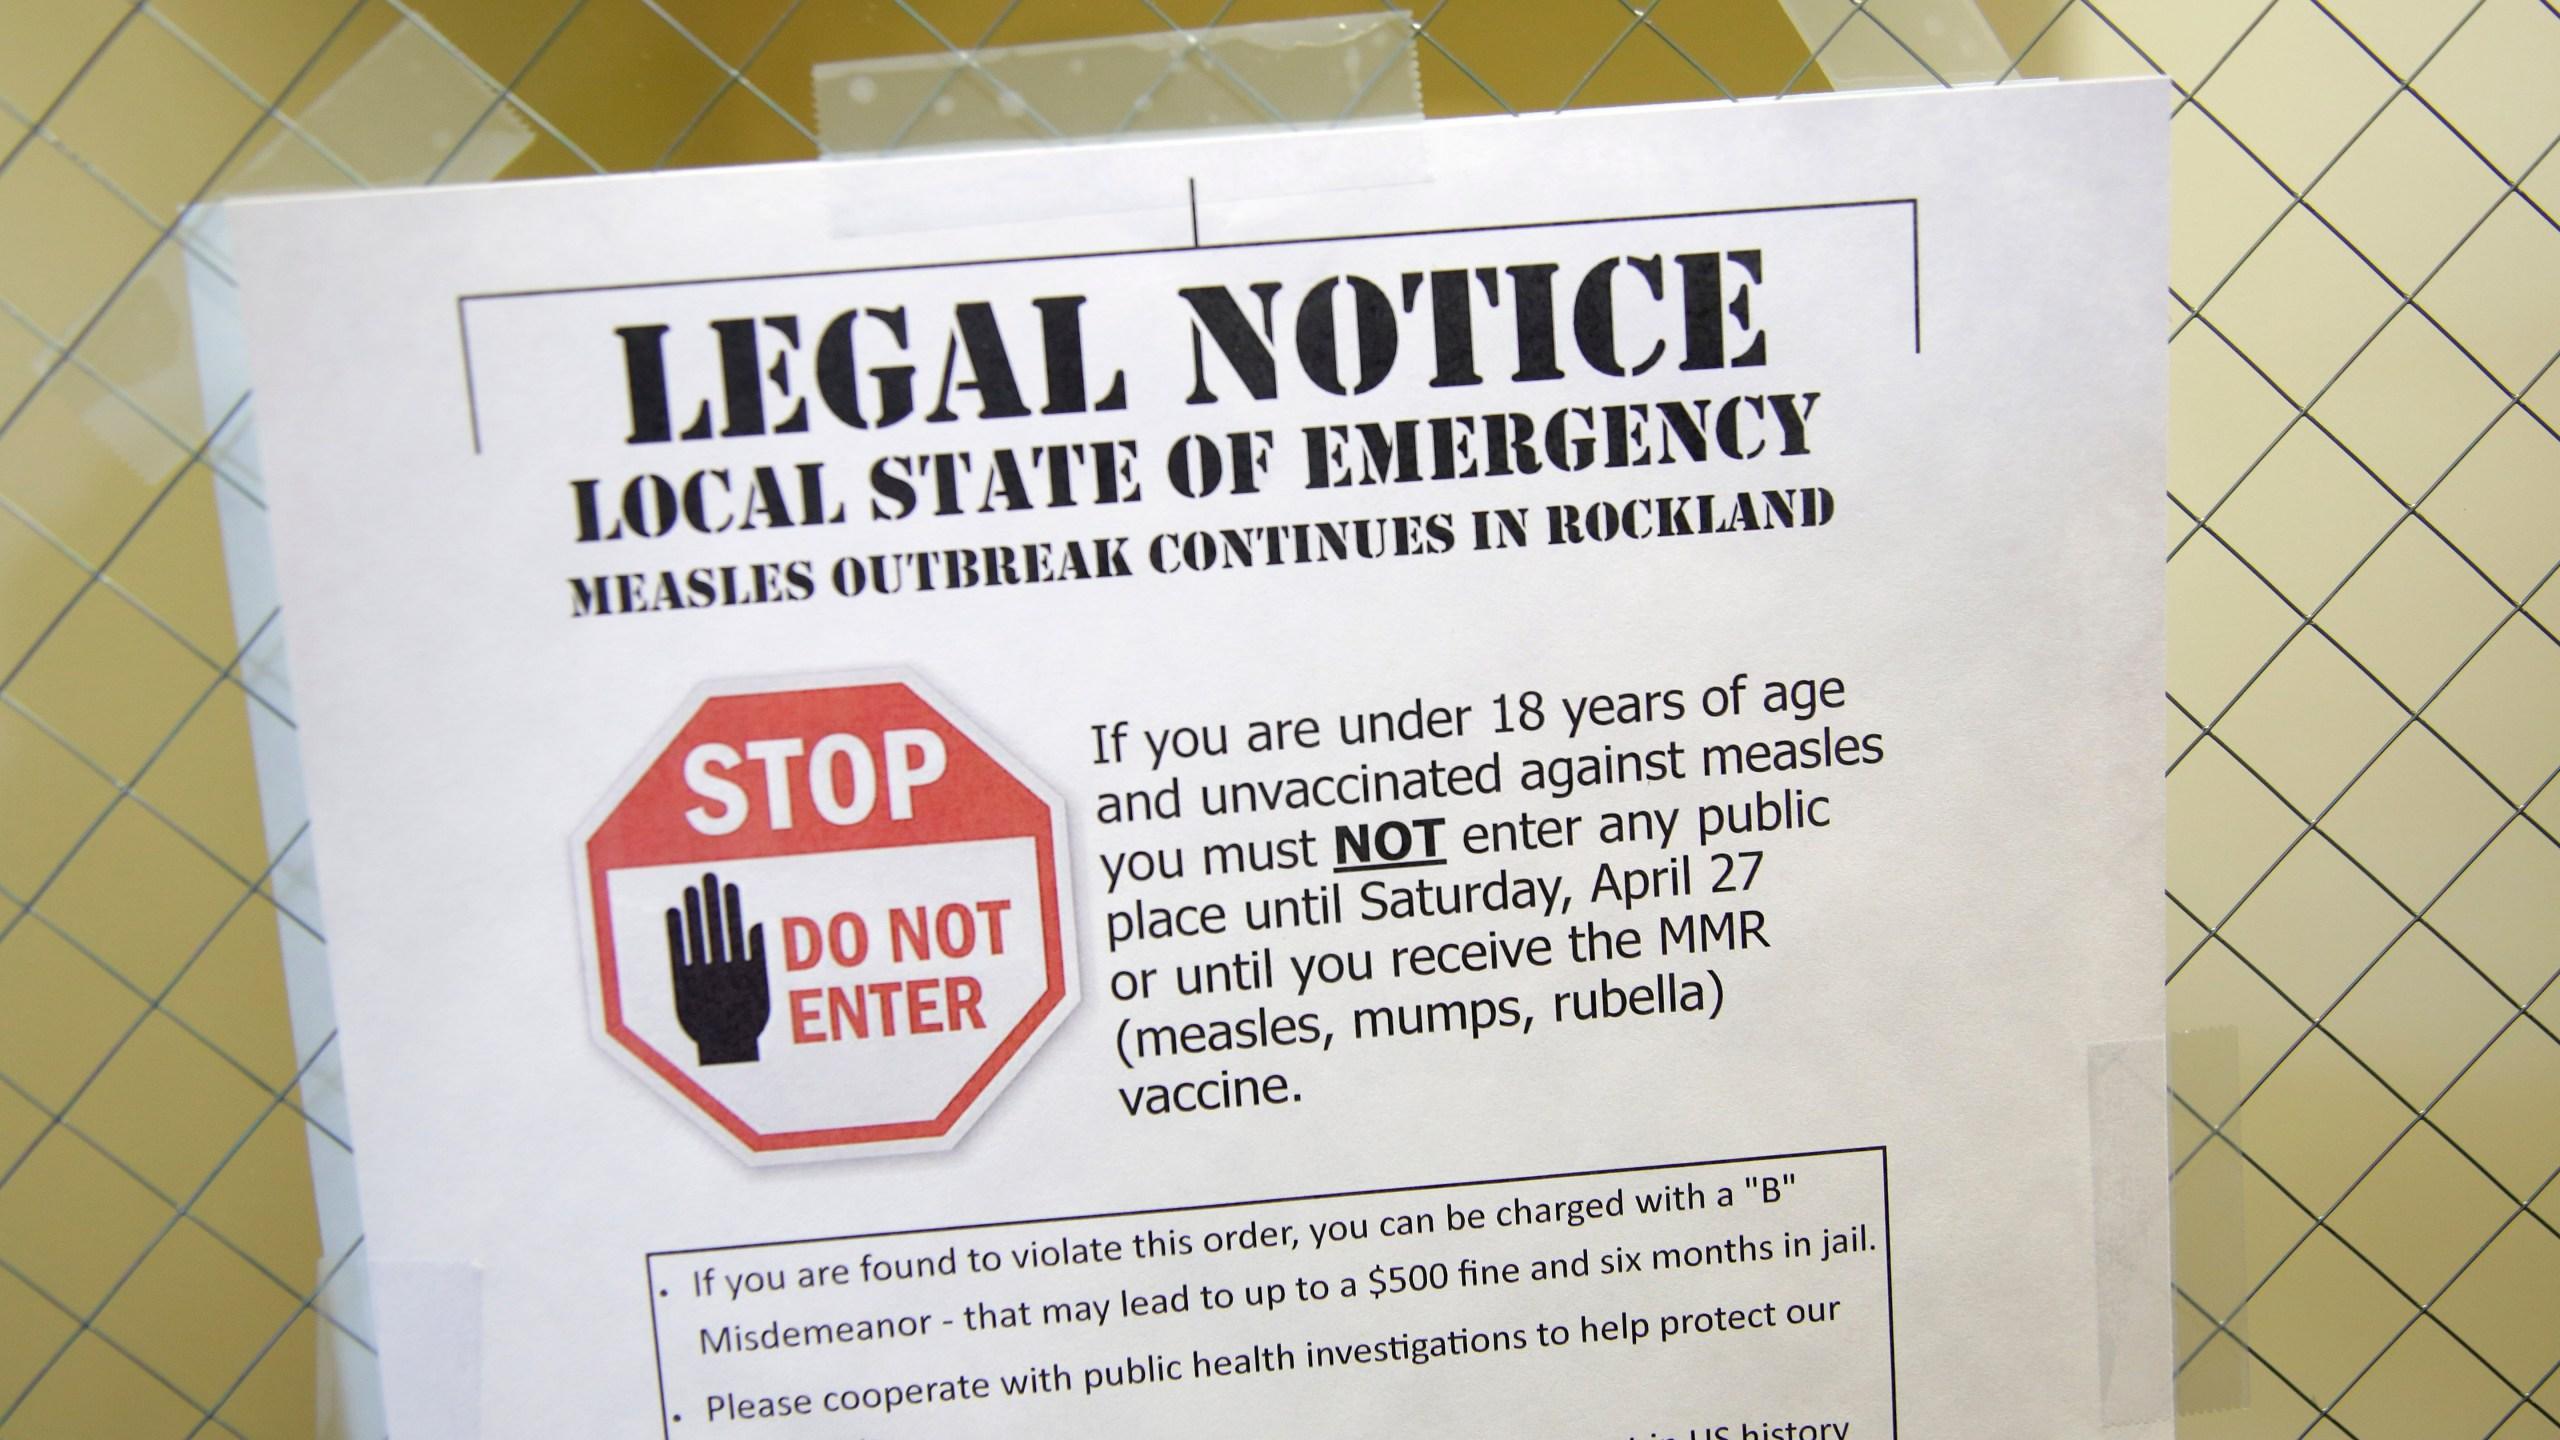 Measles_Cases_35437-159532.jpg37571560